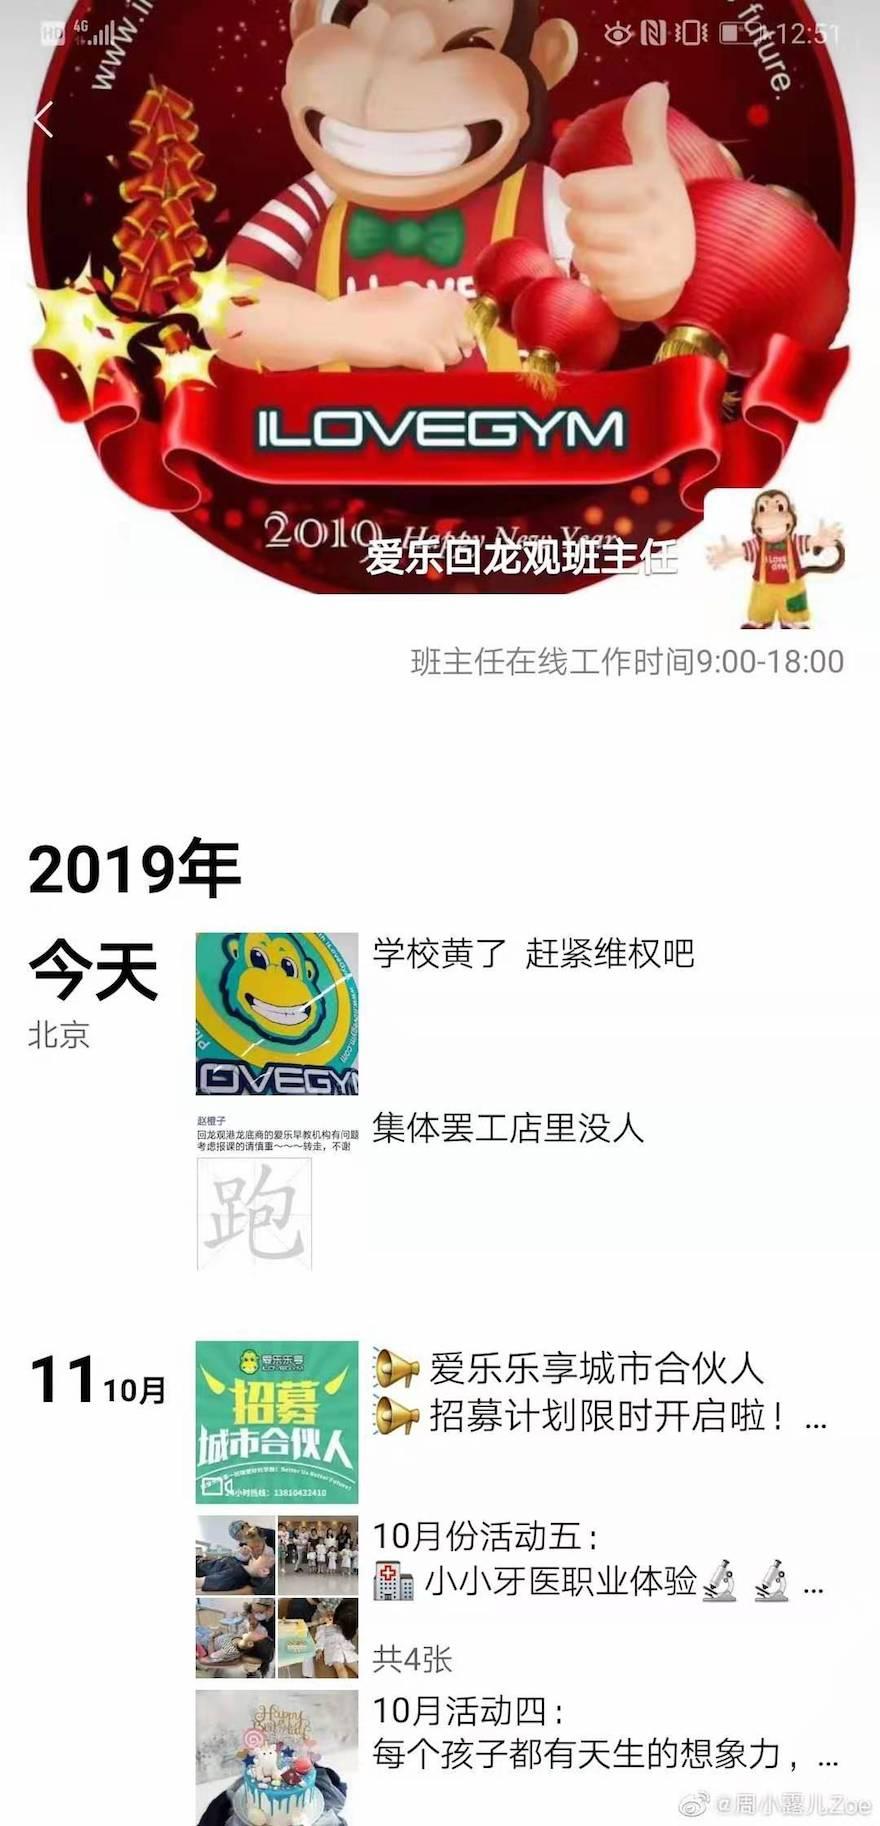 爱乐乐享的北京门店陆续关店 拖欠公司的租金达189750元